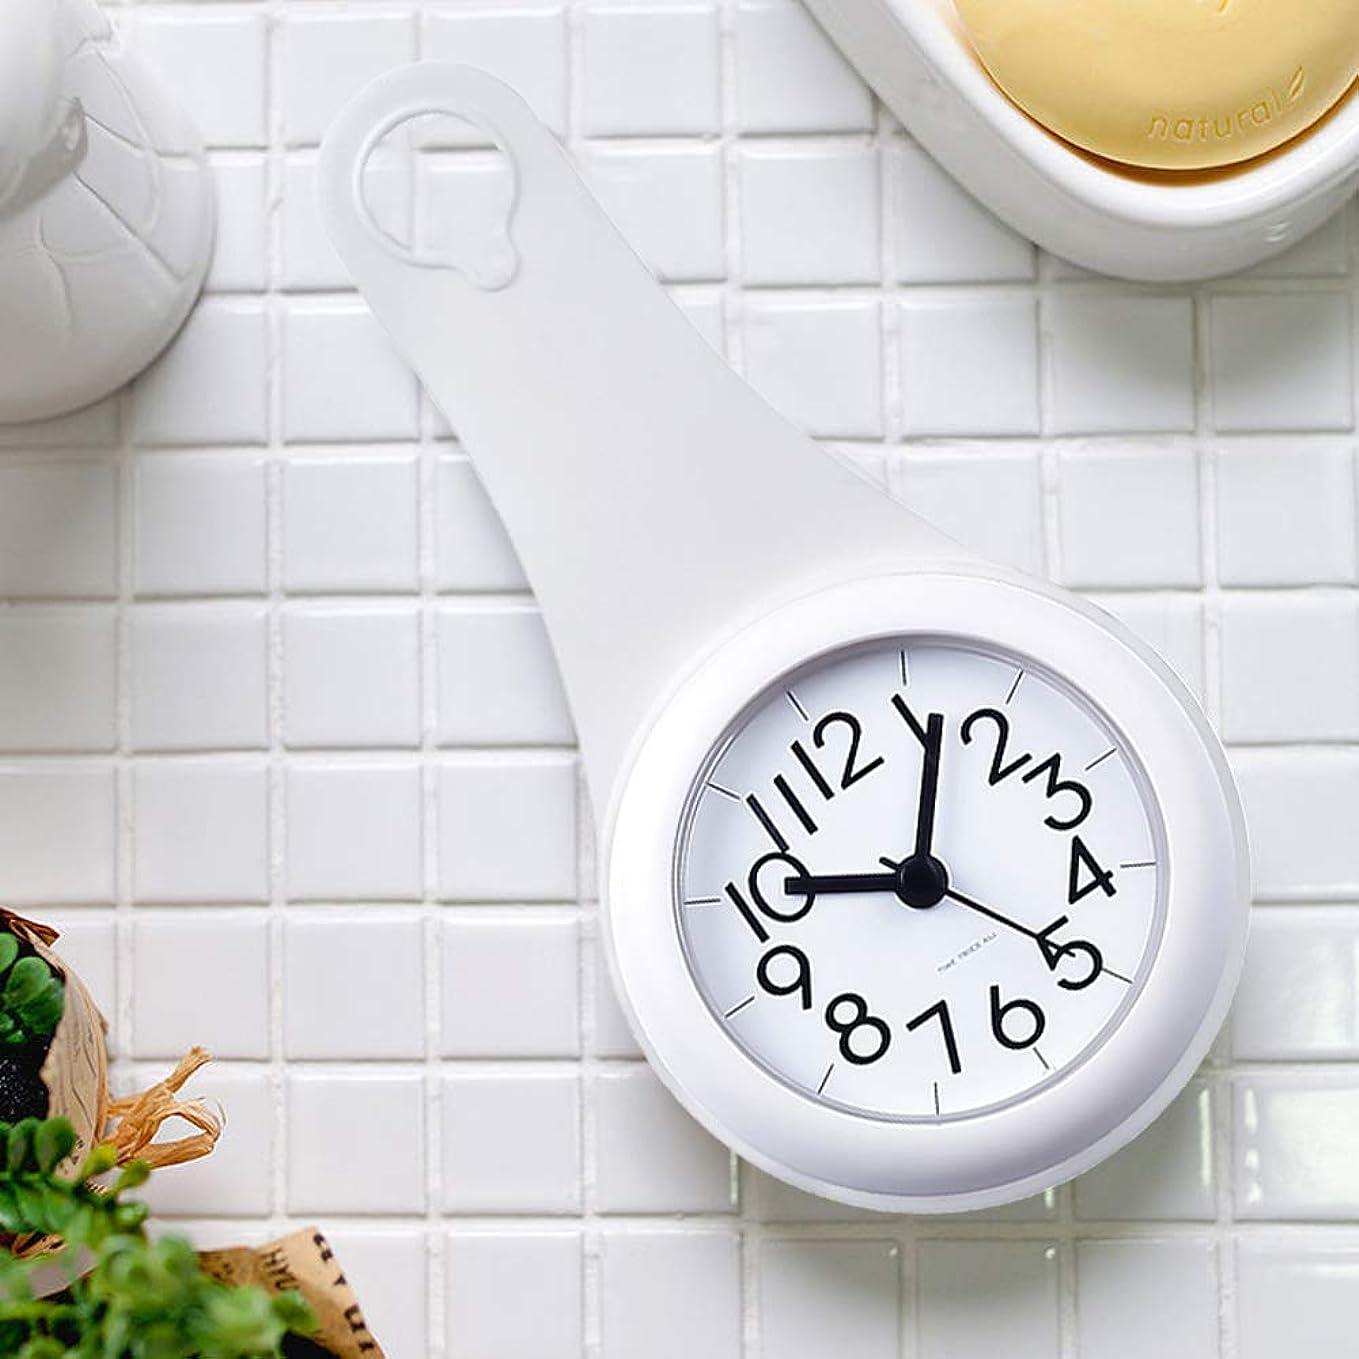 ミンチ放射性スクラップ【Miyatob】バスルーム時計 防水クロック 掛け時計 ウォールクロック 吸盤付き 防水 静音 浴室 キッチン お風呂 家庭用 おしゃれ シンプル インテリア 北欧 デザイン シャワー